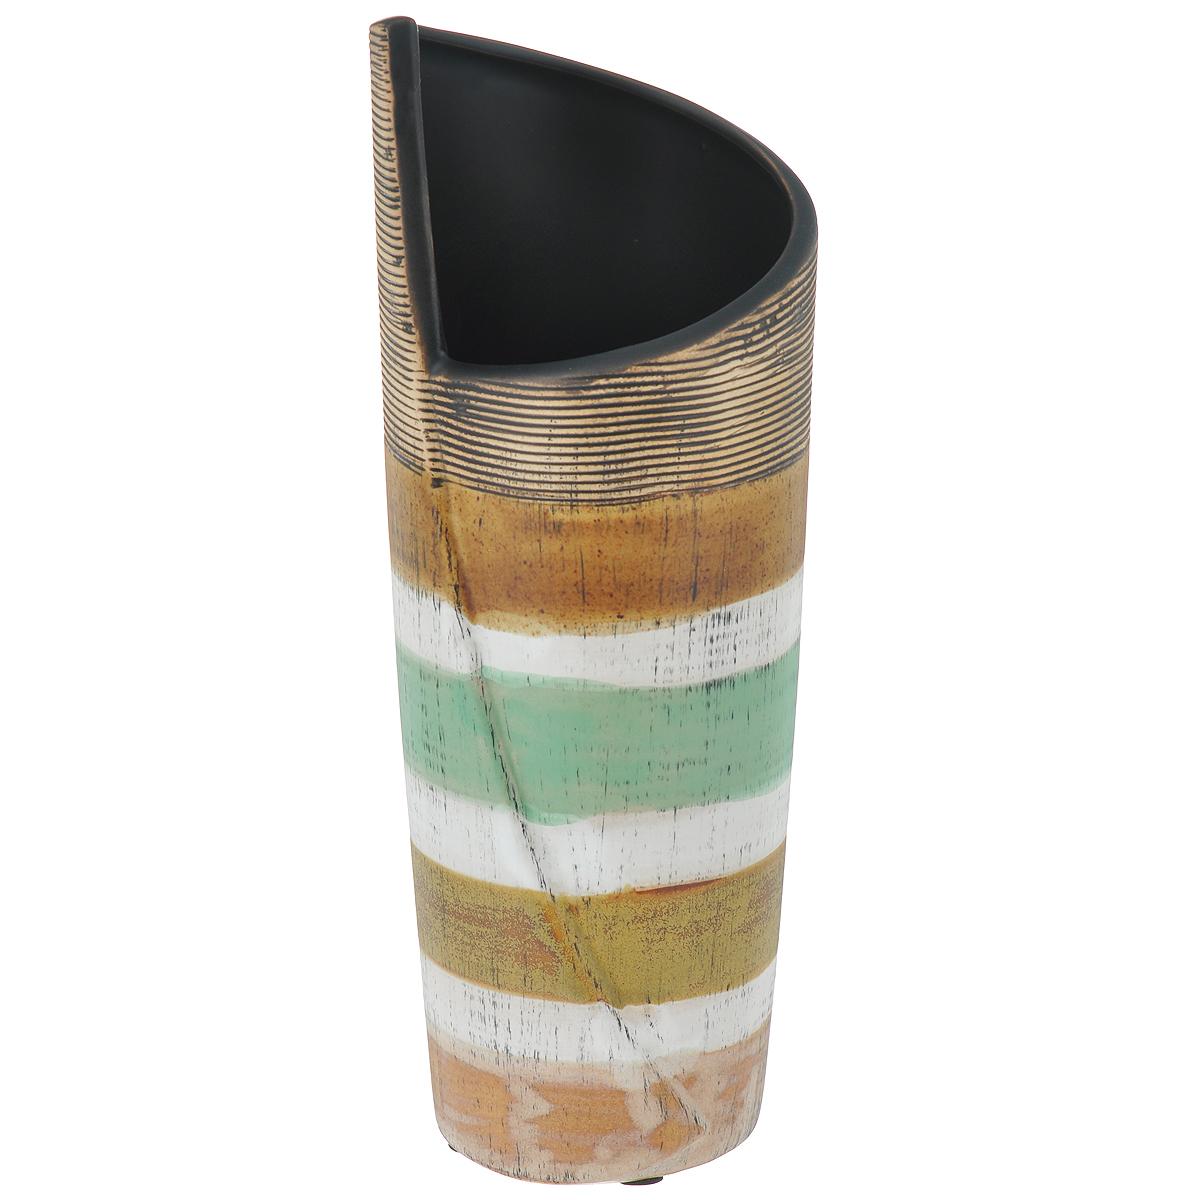 Ваза декоративная Полосатая S, высота 25 см37406Элегантная ваза Полосатая S, выполненная из высококачественного глазурованного фаянса, декорирована полосками разных цветов. Ваза имеет оригинальное горлышко, придающее ей шик. Изделие оснащено резиновыми ножками, предотвращающими скольжение вазы по поверхности. Оригинальная ваза Полосатая S придется по вкусу и ценителям классики, и тем, кто предпочитает утонченность и изящность. Вы можете поставить вазу в любом месте, где она будет удачно смотреться и радовать глаз. Такая ваза подойдет и для цветов, и для декора интерьера. Кроме того - это отличный вариант подарка для ваших близких и друзей. Диаметр вазы (по верхнему краю): 8 см. Высота вазы: 25 см.